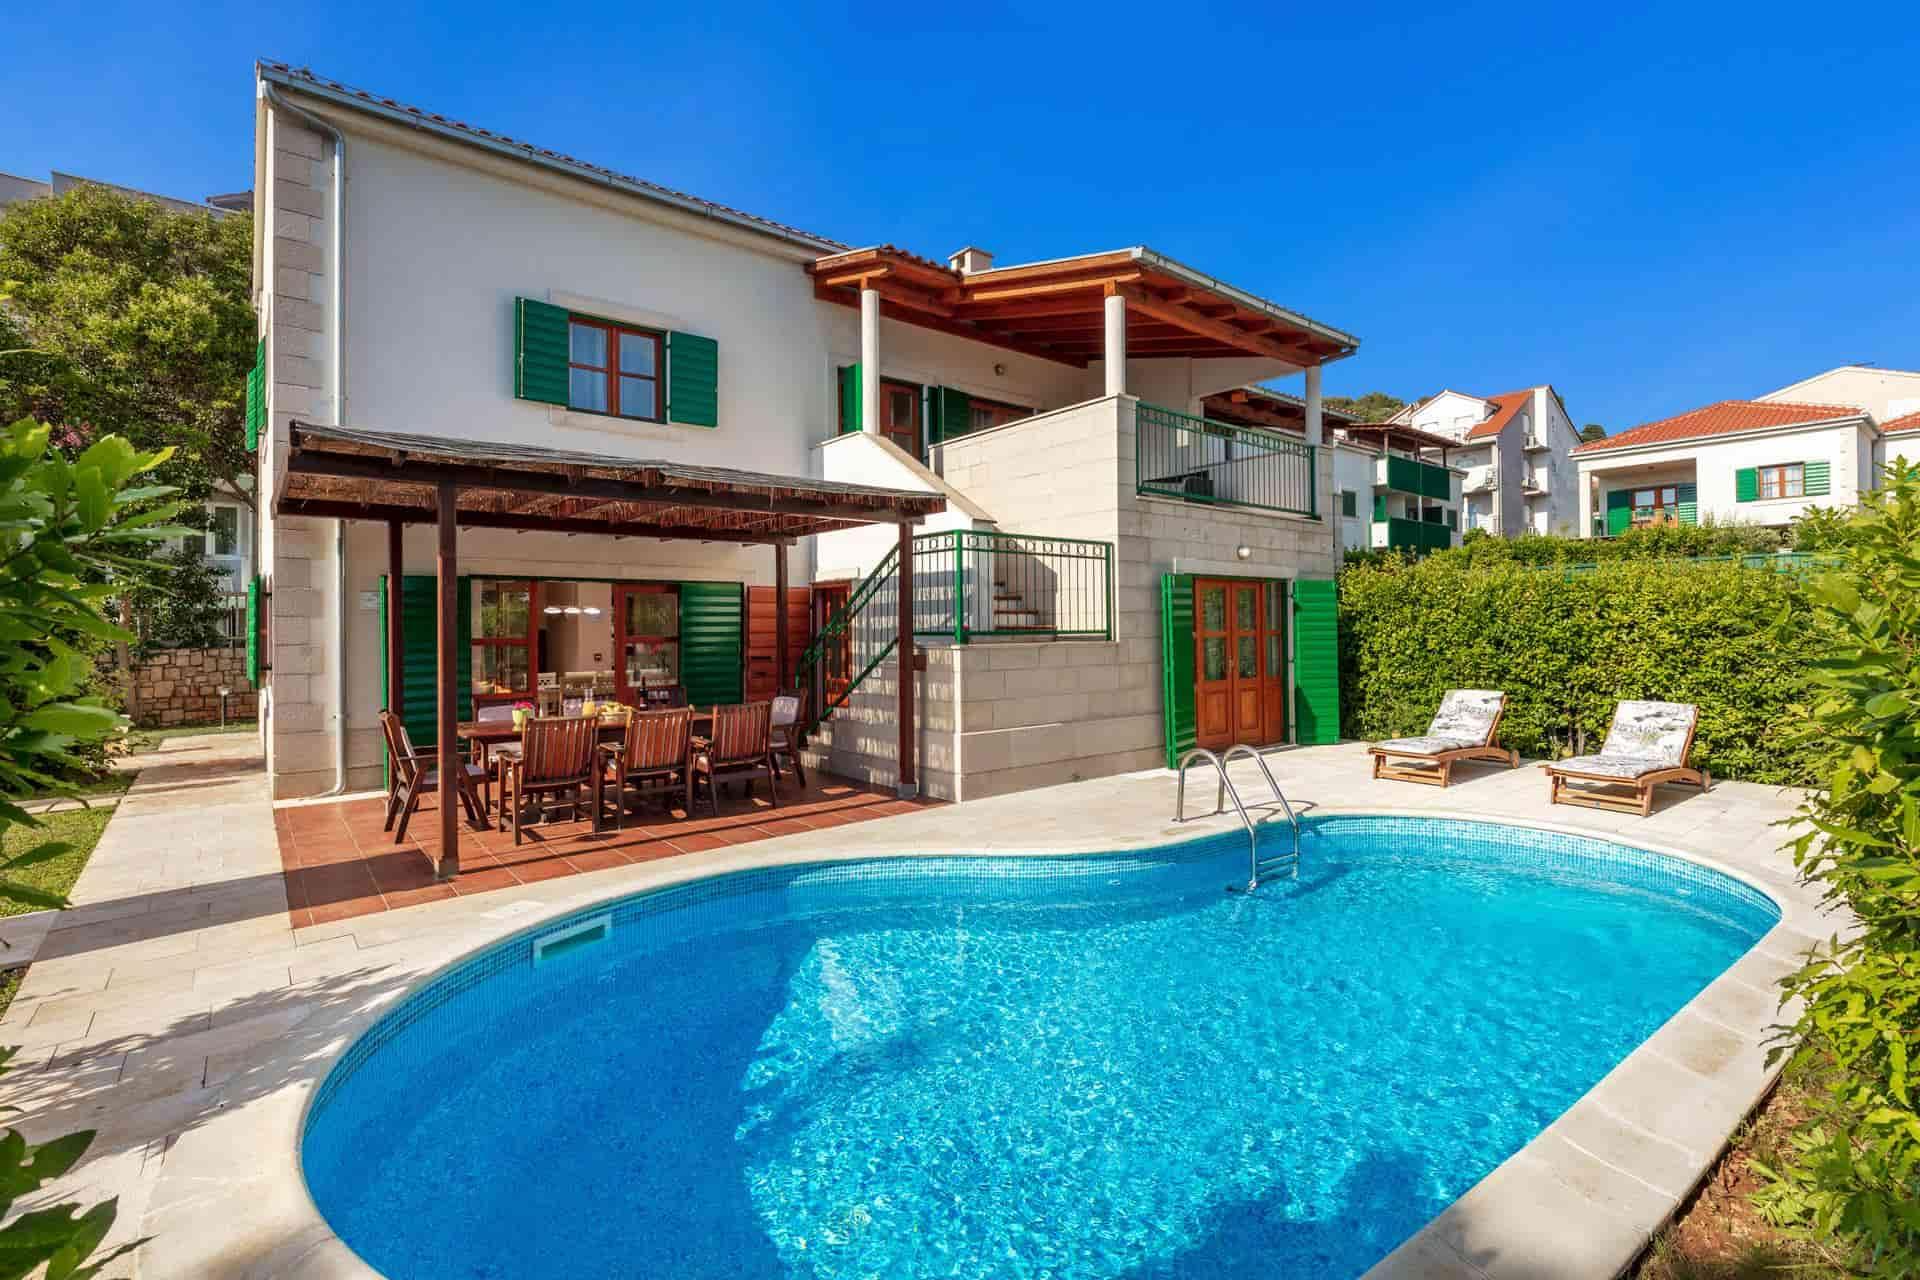 Schöne Villa mit Pool, 70 Meter vom Strand entfernt